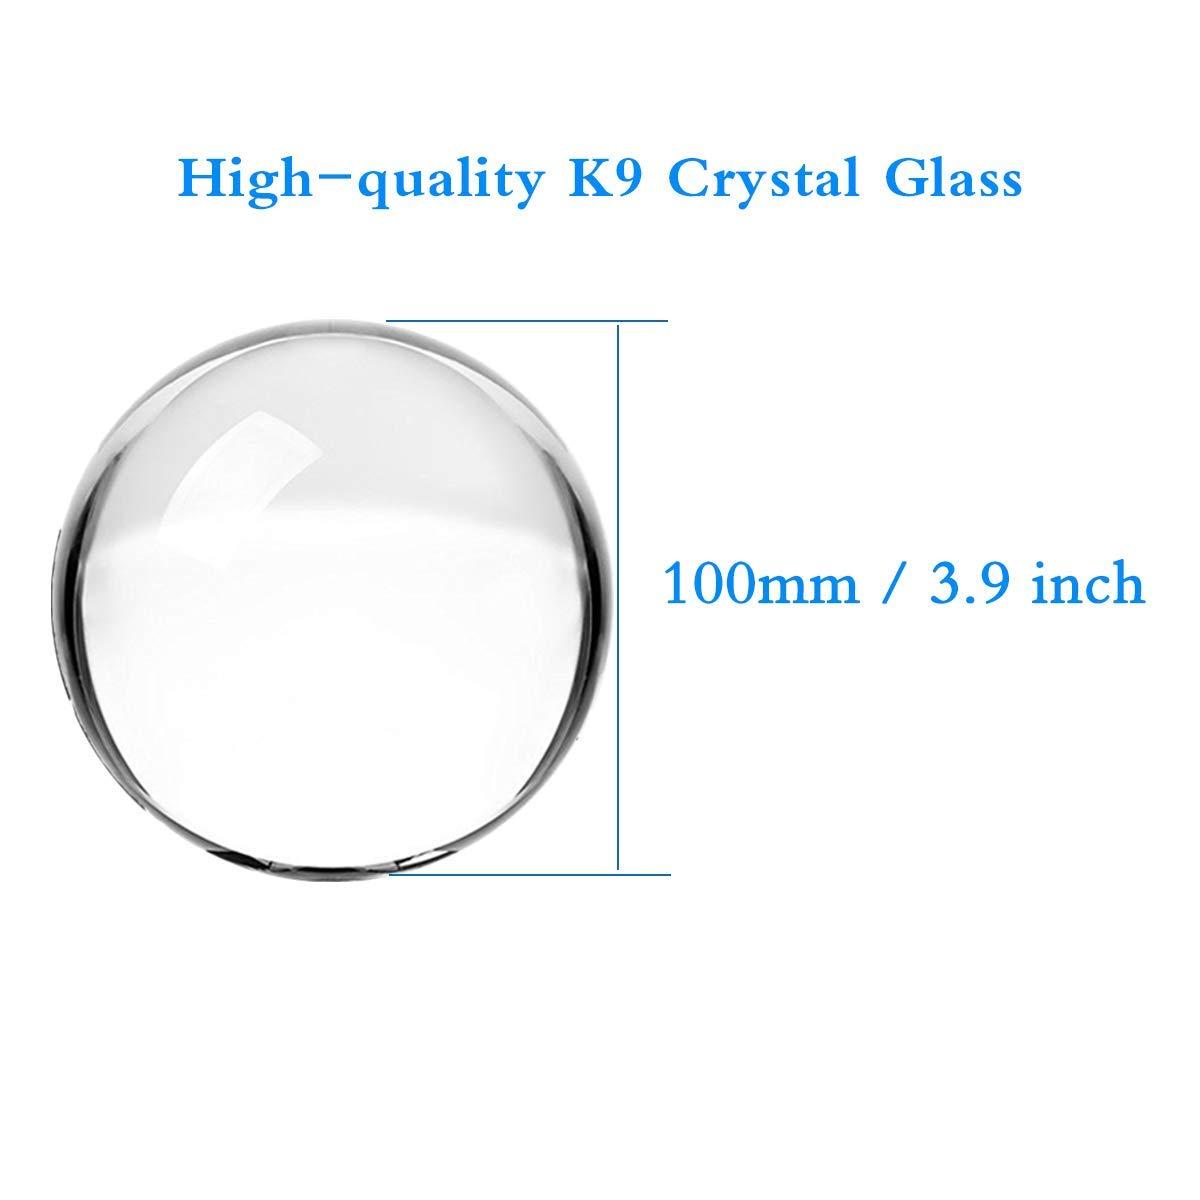 Tensphy K9 Boule de Cristal avec Support D/écor dart Clair K9 Cristal Prop pour la D/écoration de la Photographie